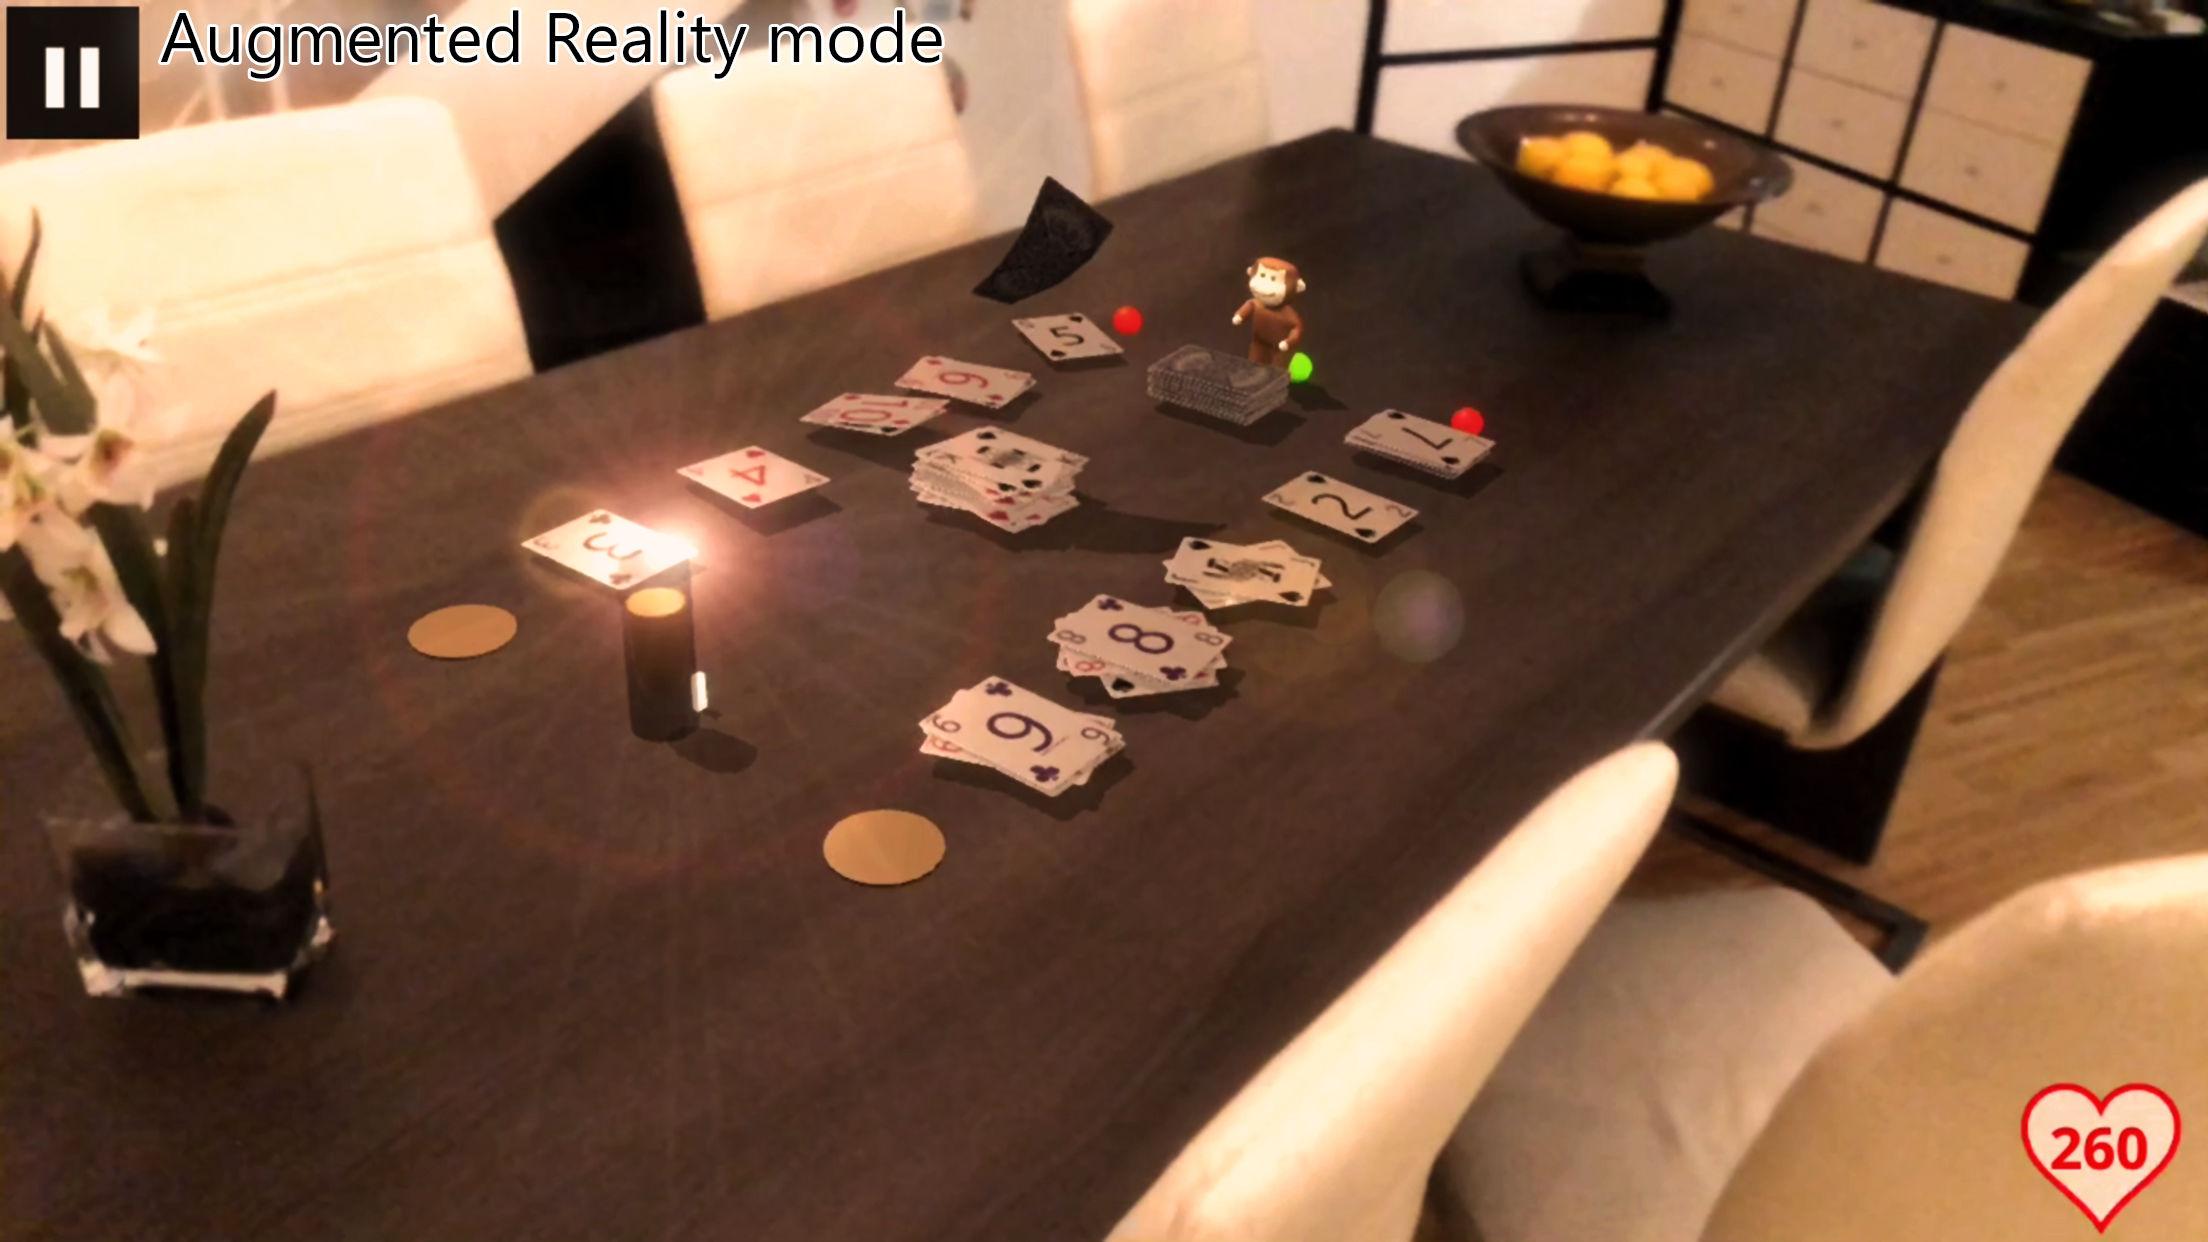 Speedy - Card Game 3D / AR